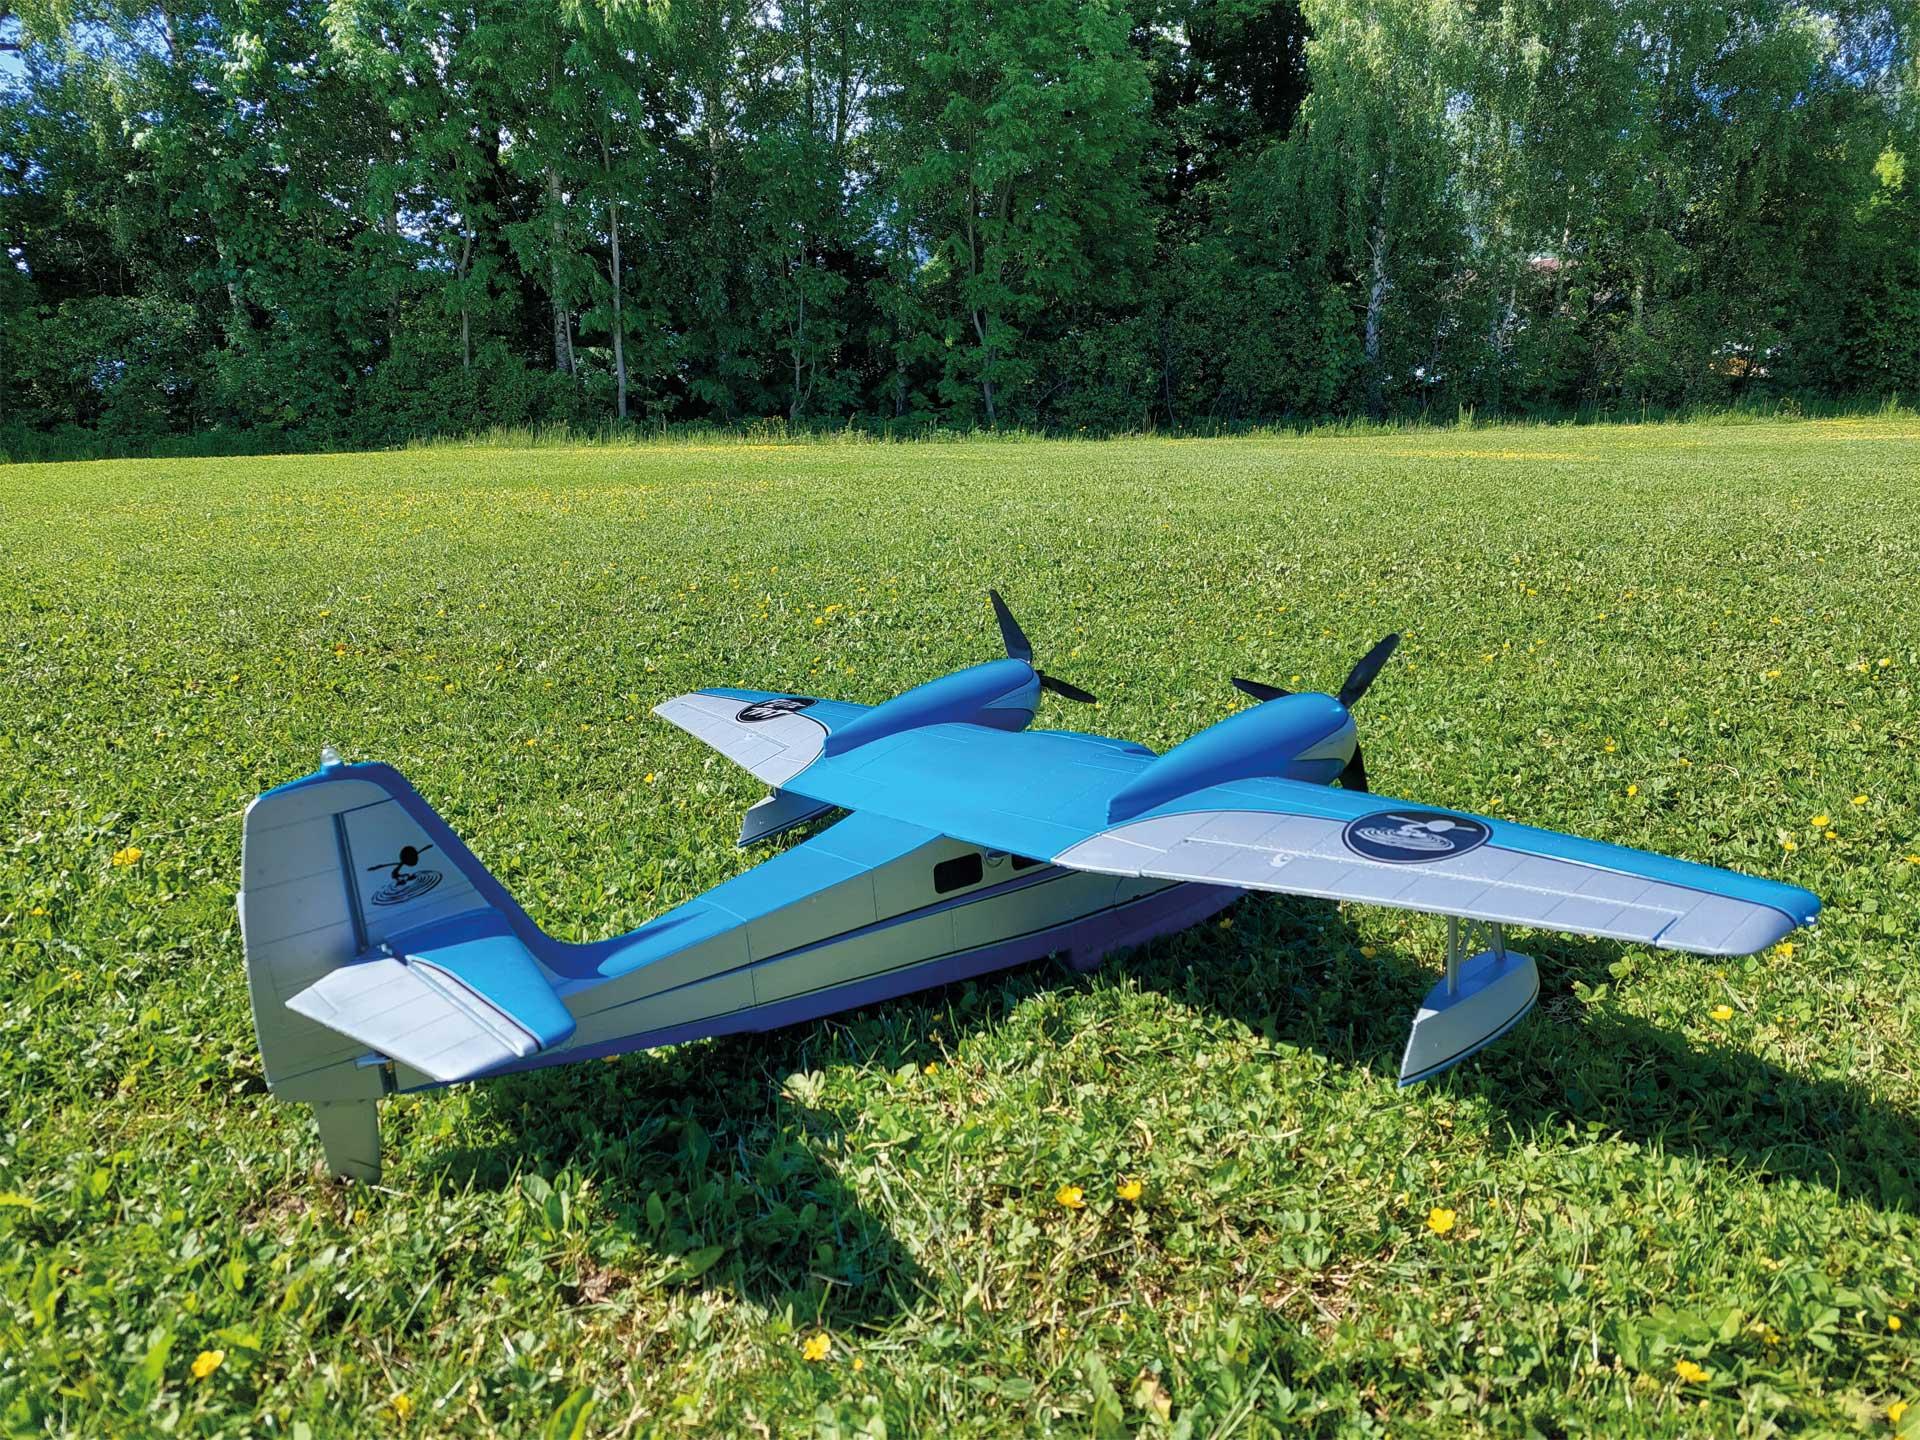 FLITE TEST Grumman G-44 Widgeon Wasserflugzeug PNP